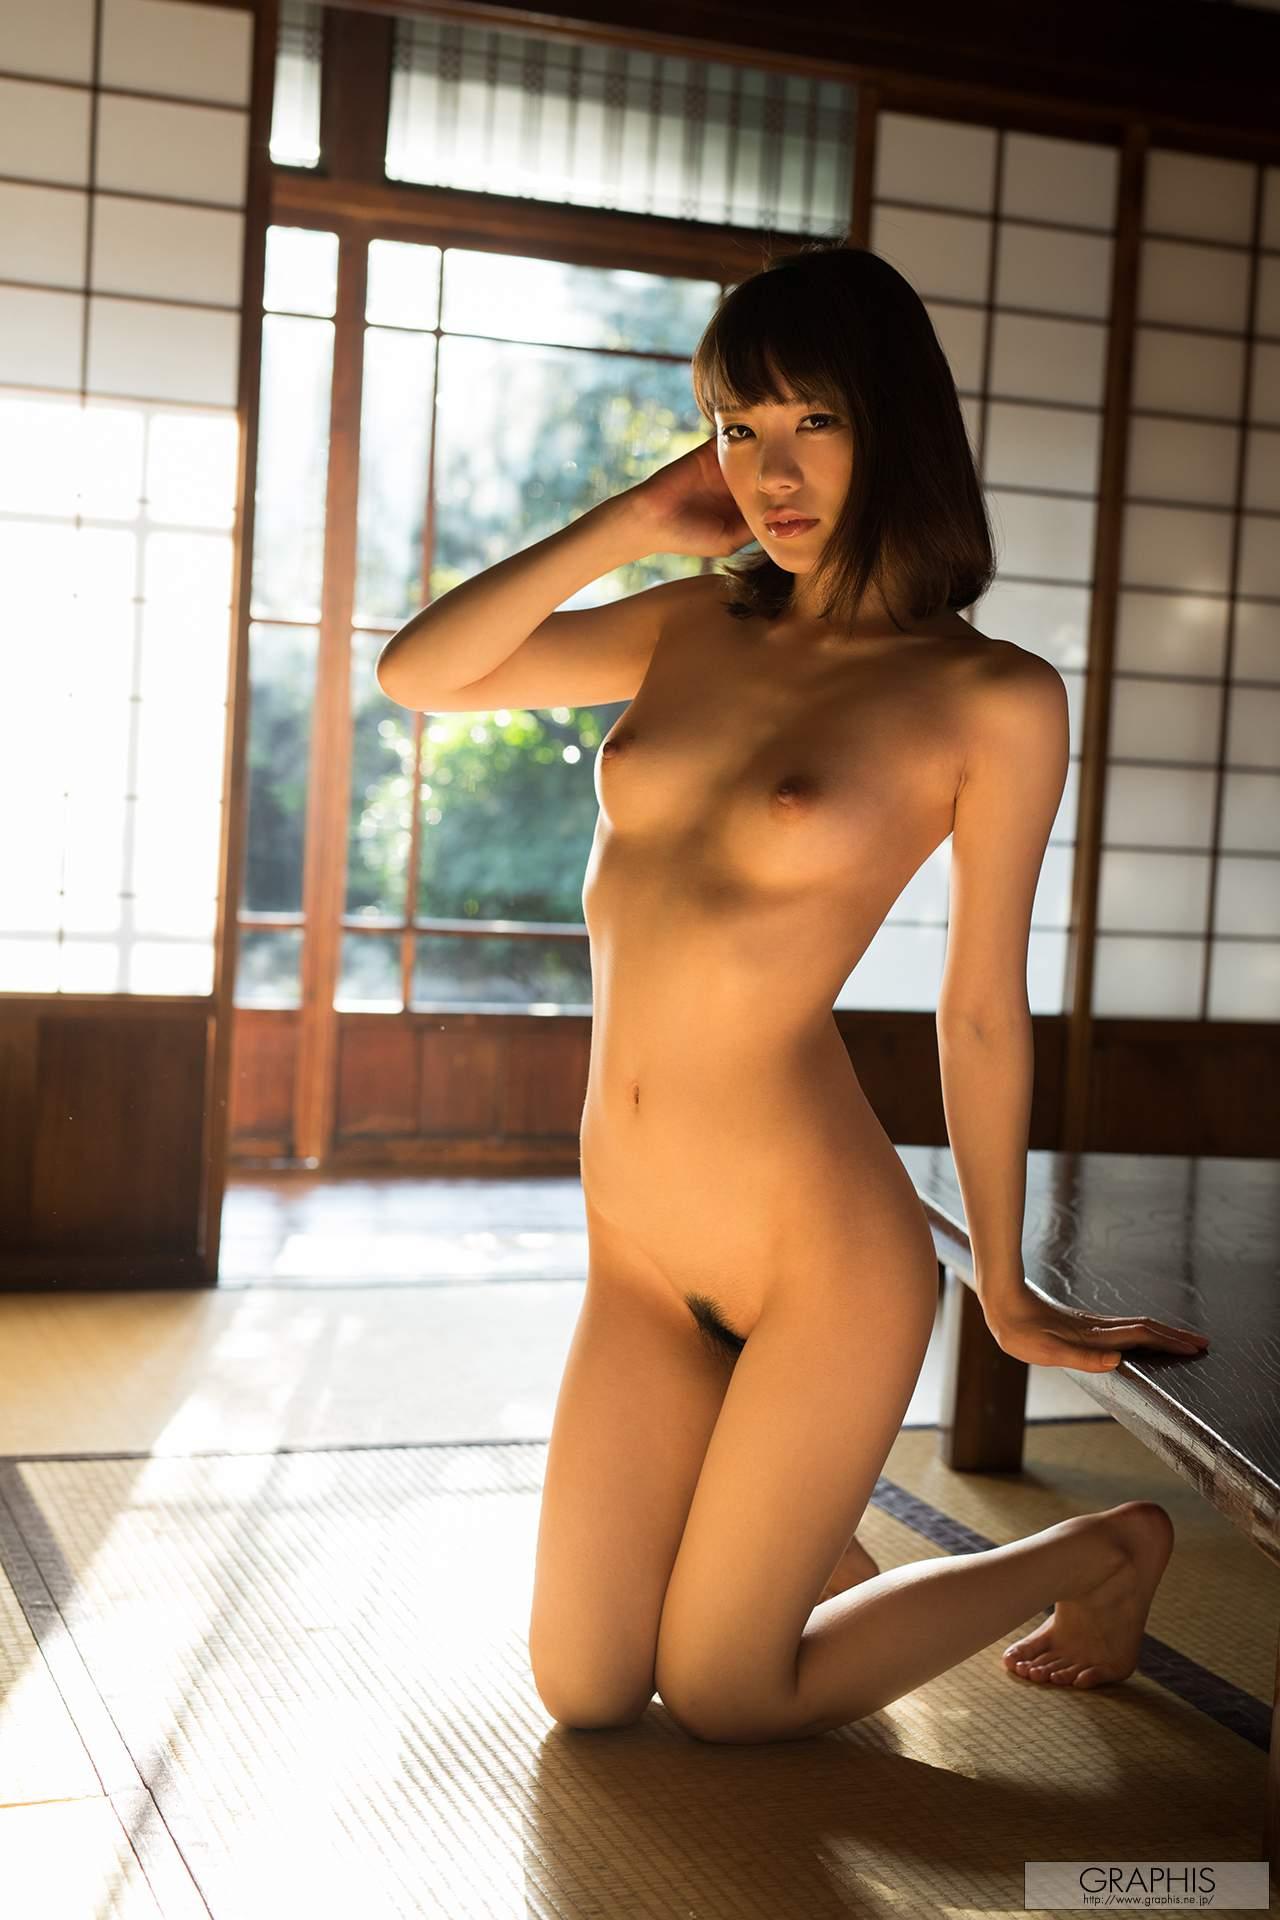 Airi Suzumura airi suzumura nude pictures. rating = unrated